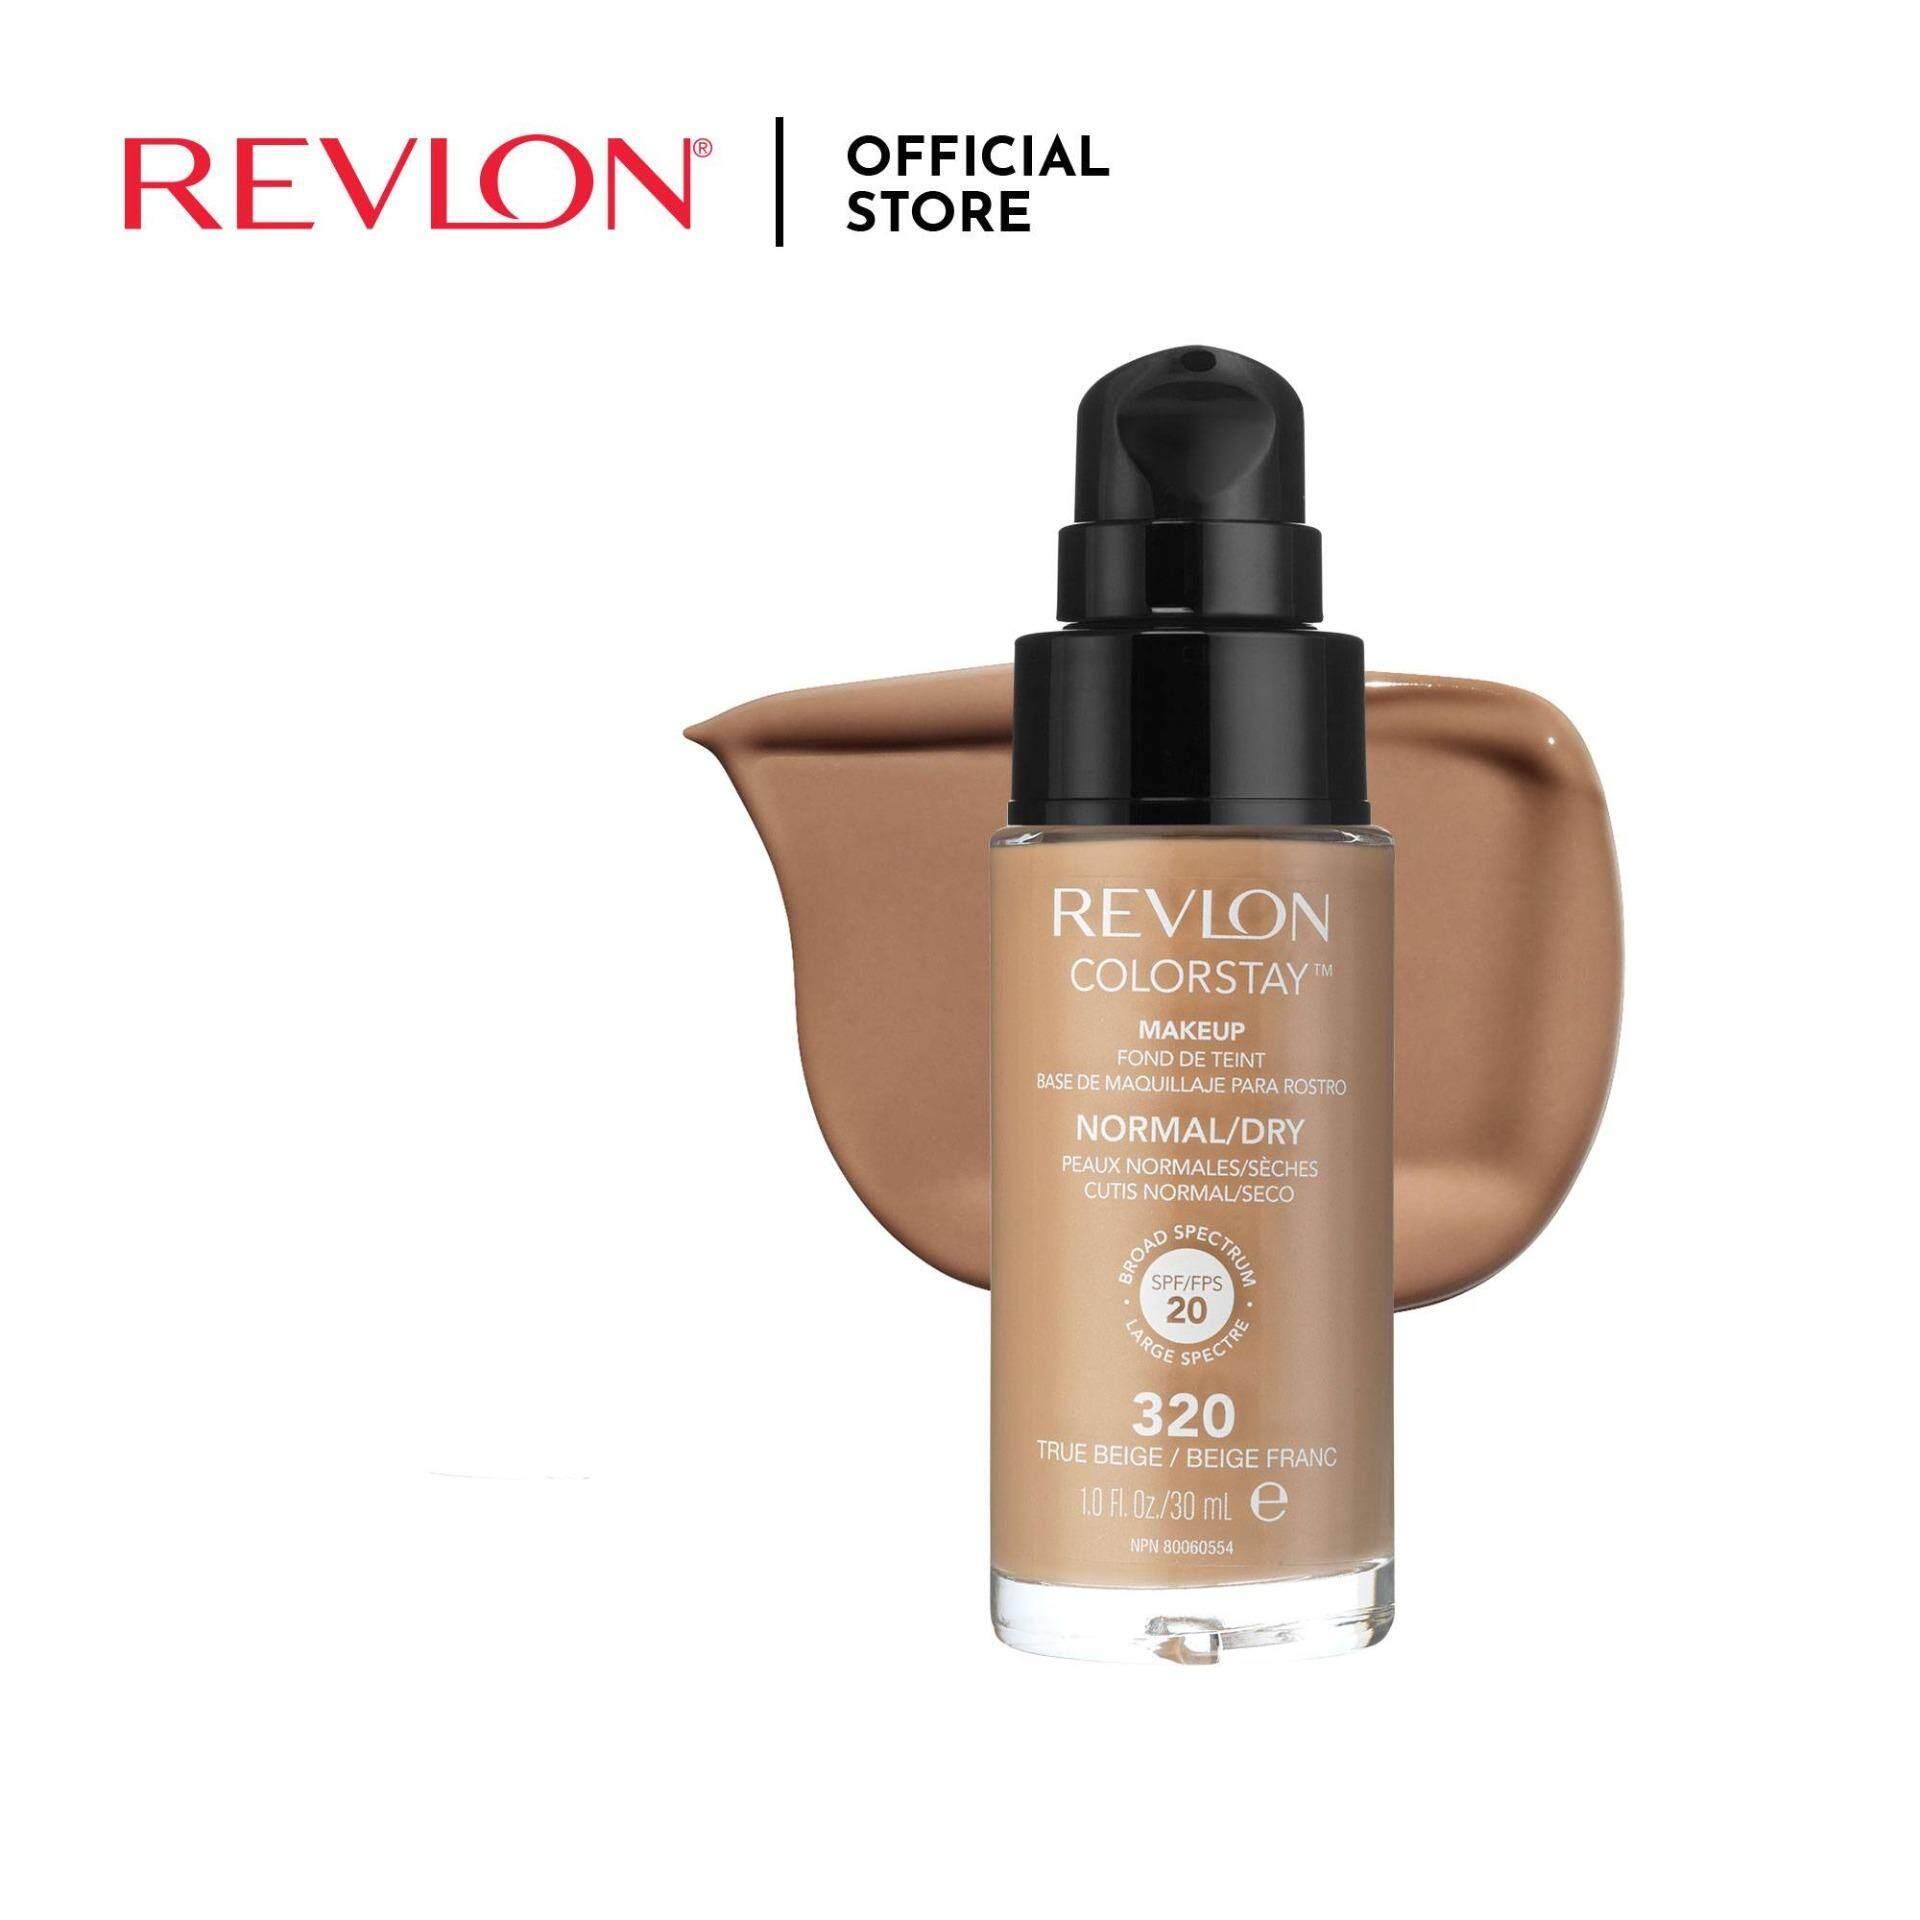 Revlon Colorstay MakeUp Normal / Dry -True Beige 320